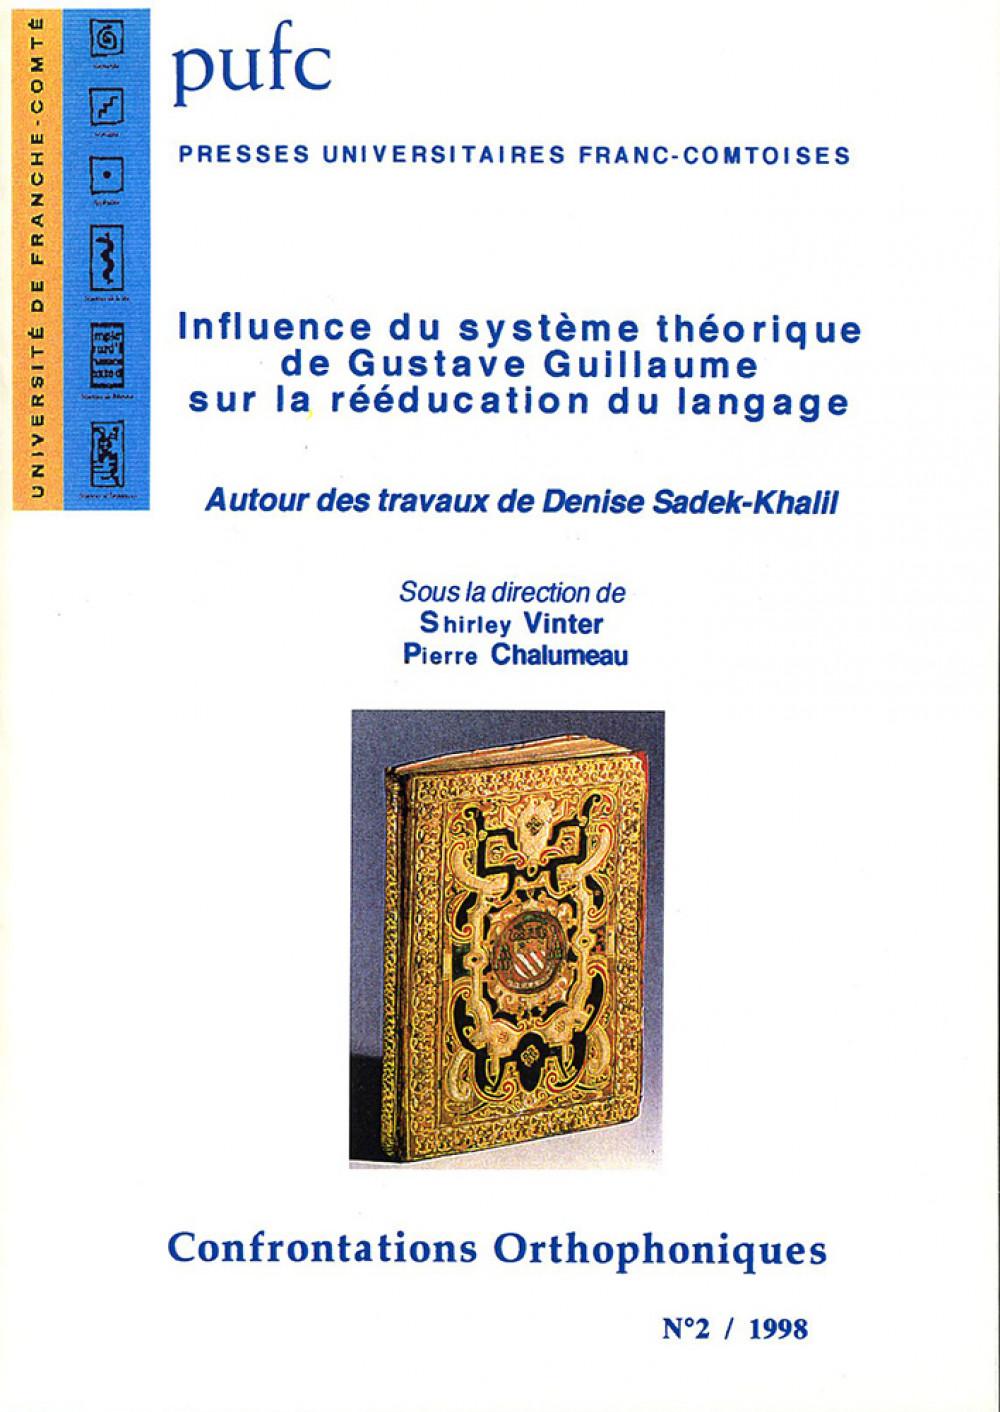 Influence du système théorique de G. Guillaume sur la rééducation du langage